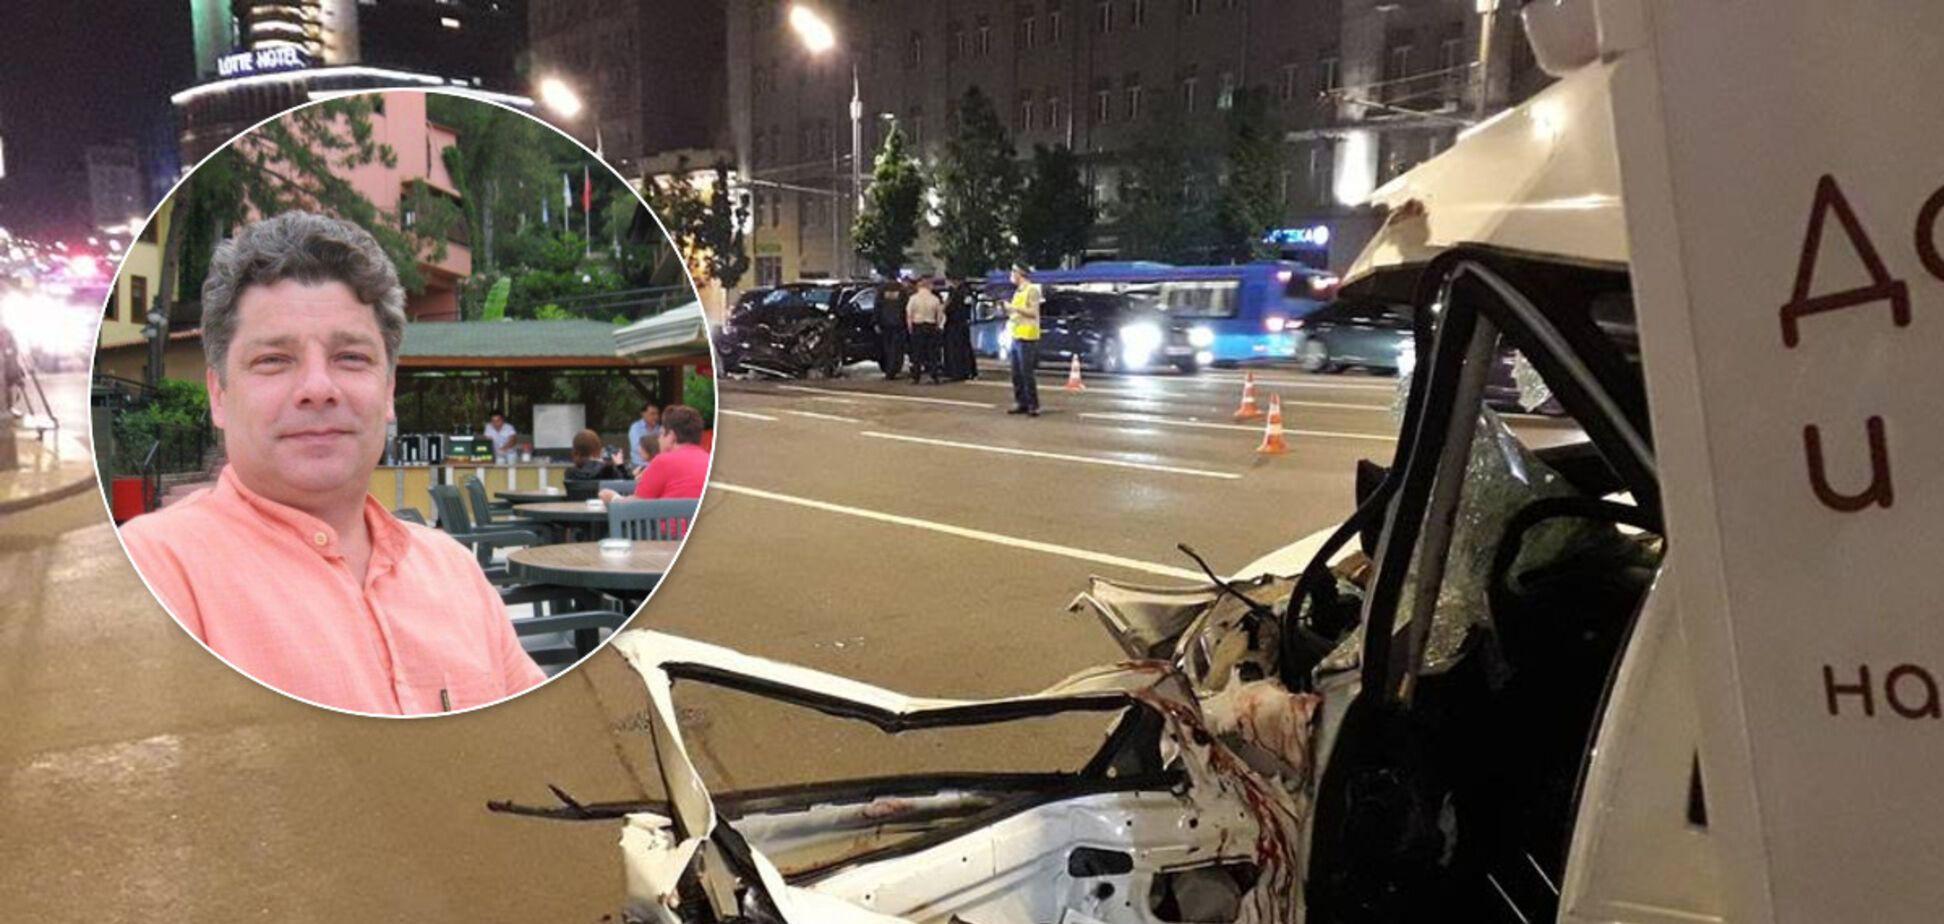 Сергей Захаров погиб в результате ДТП, которое устроил Ефремов